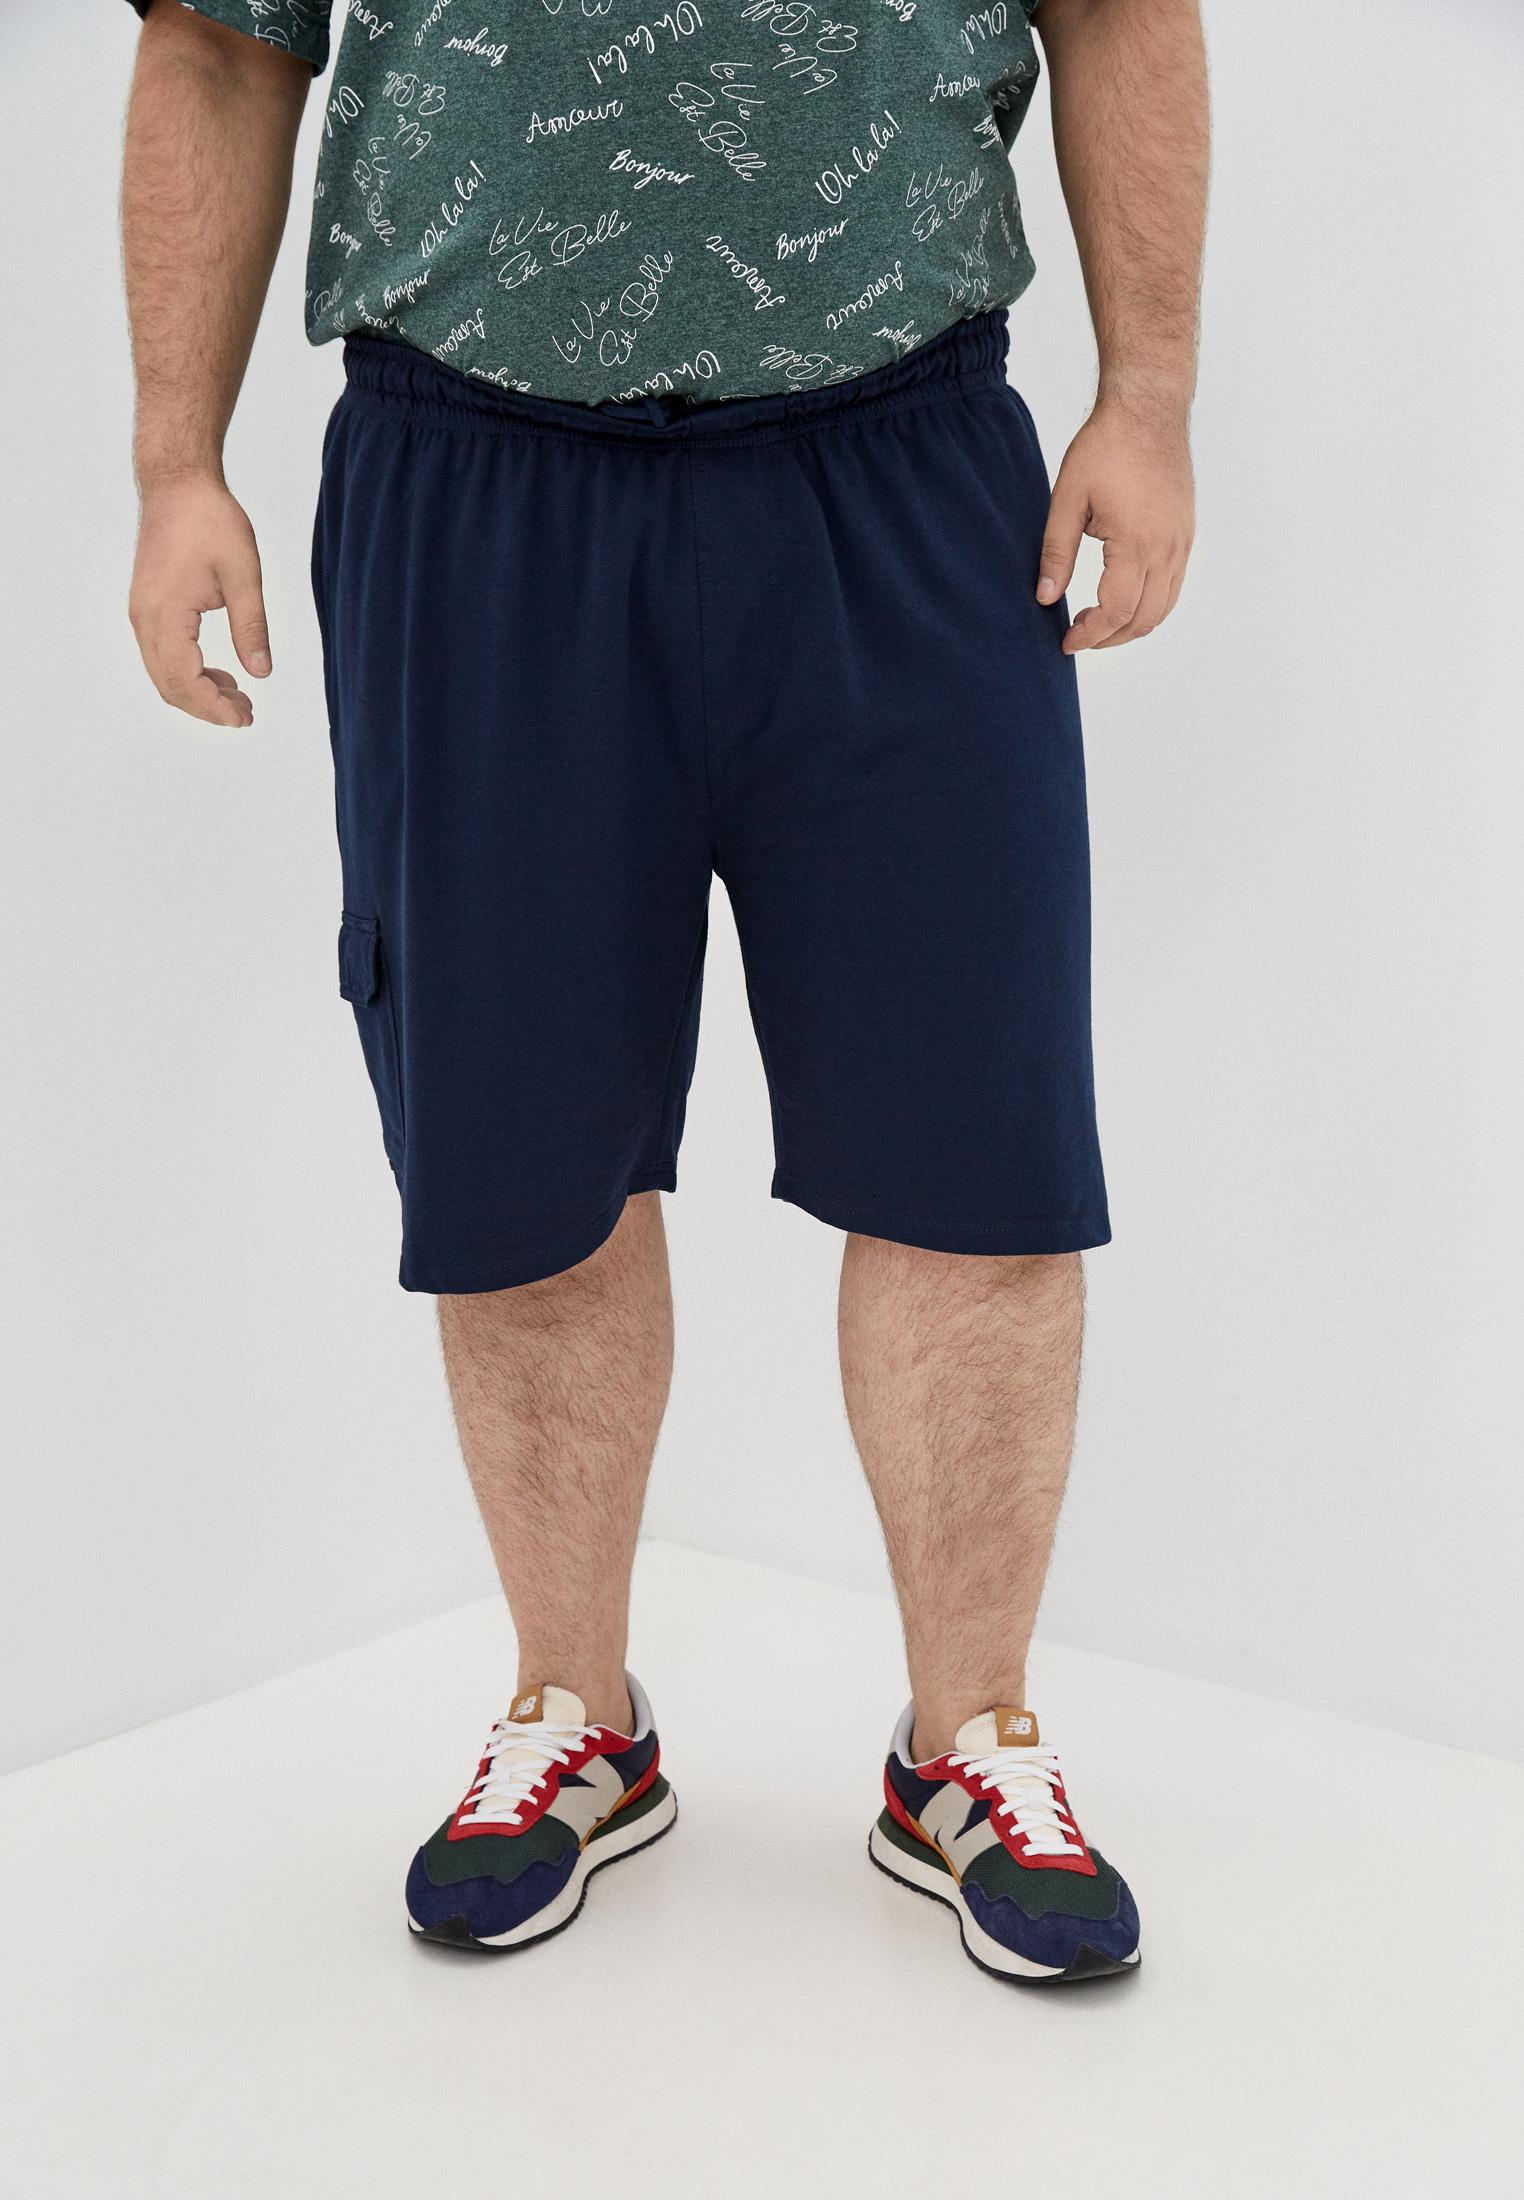 Мужские повседневные шорты D555 Шорты спортивные D555